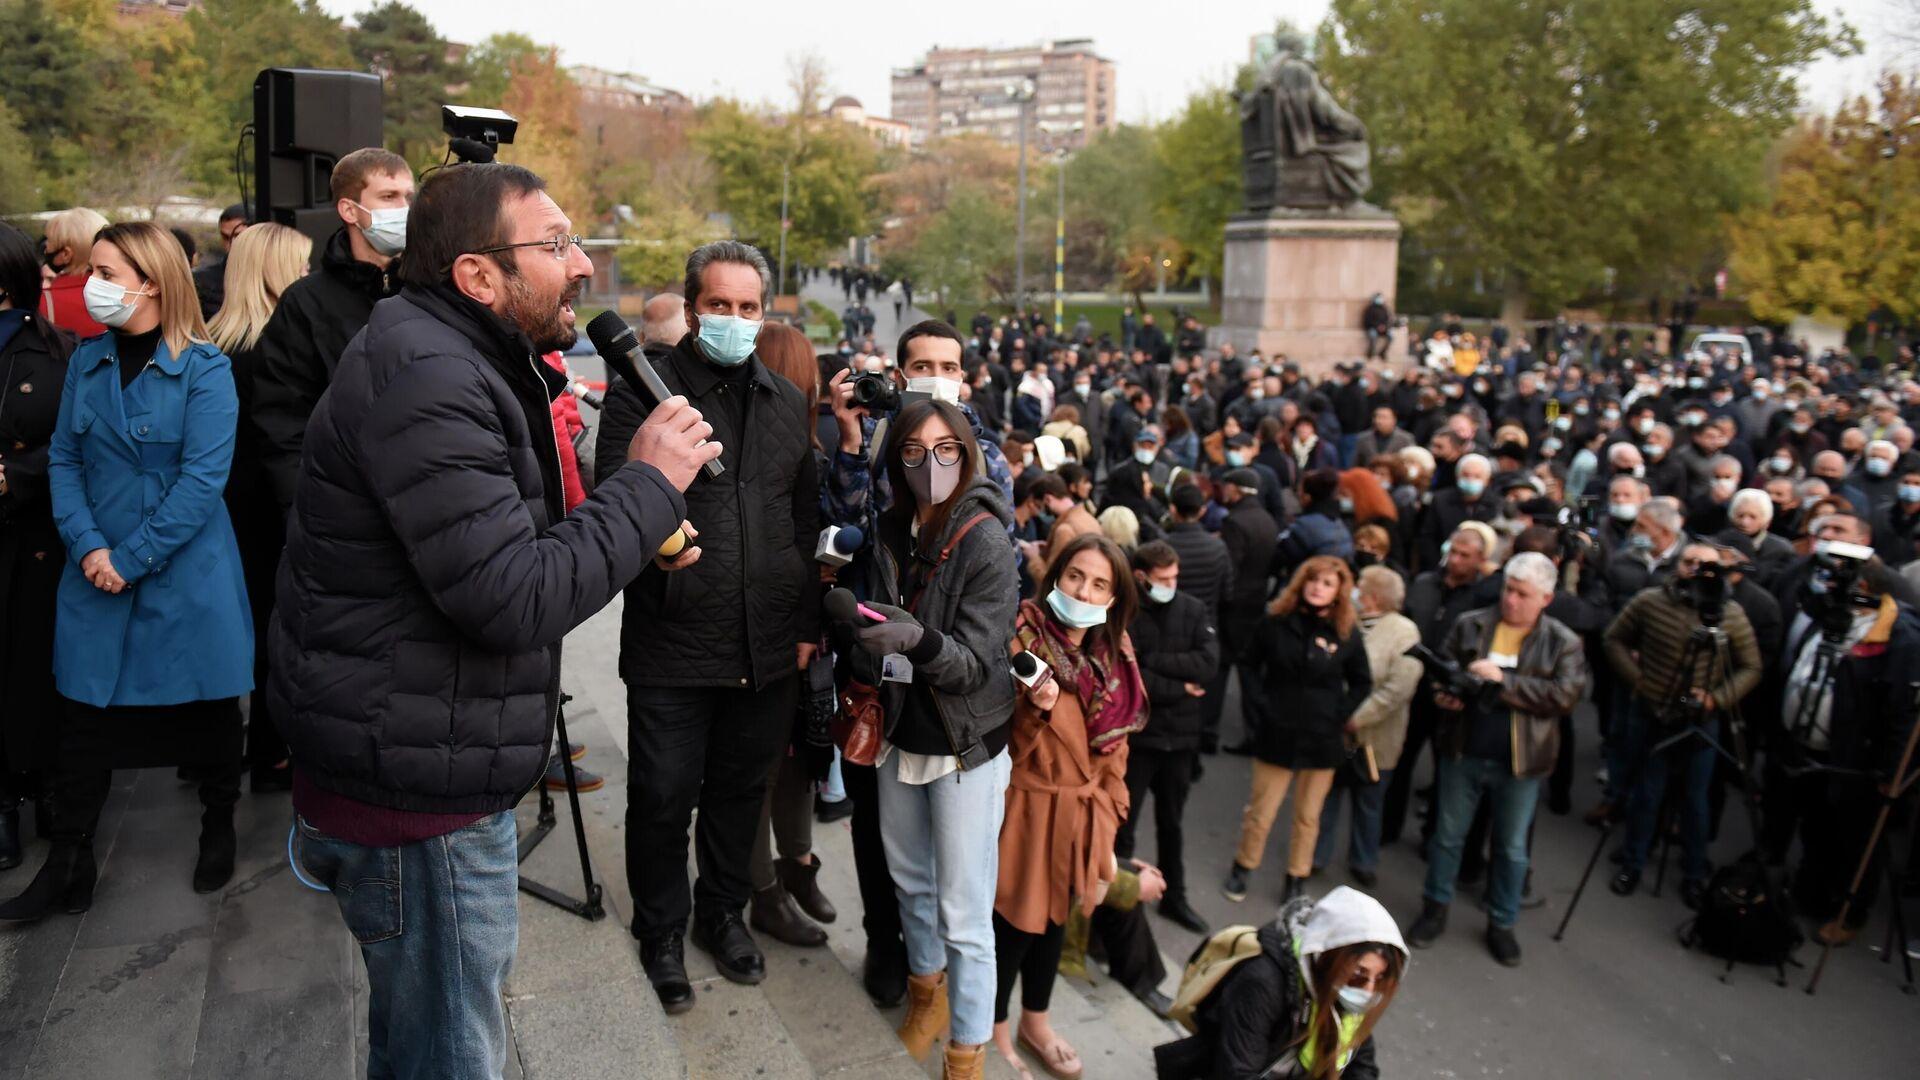 Бывший депутат, член партии АРФ Дашнакцутюн Гегам Манукян выступает на митинге оппозиции на Площади Свободы в Ереване - РИА Новости, 1920, 08.12.2020